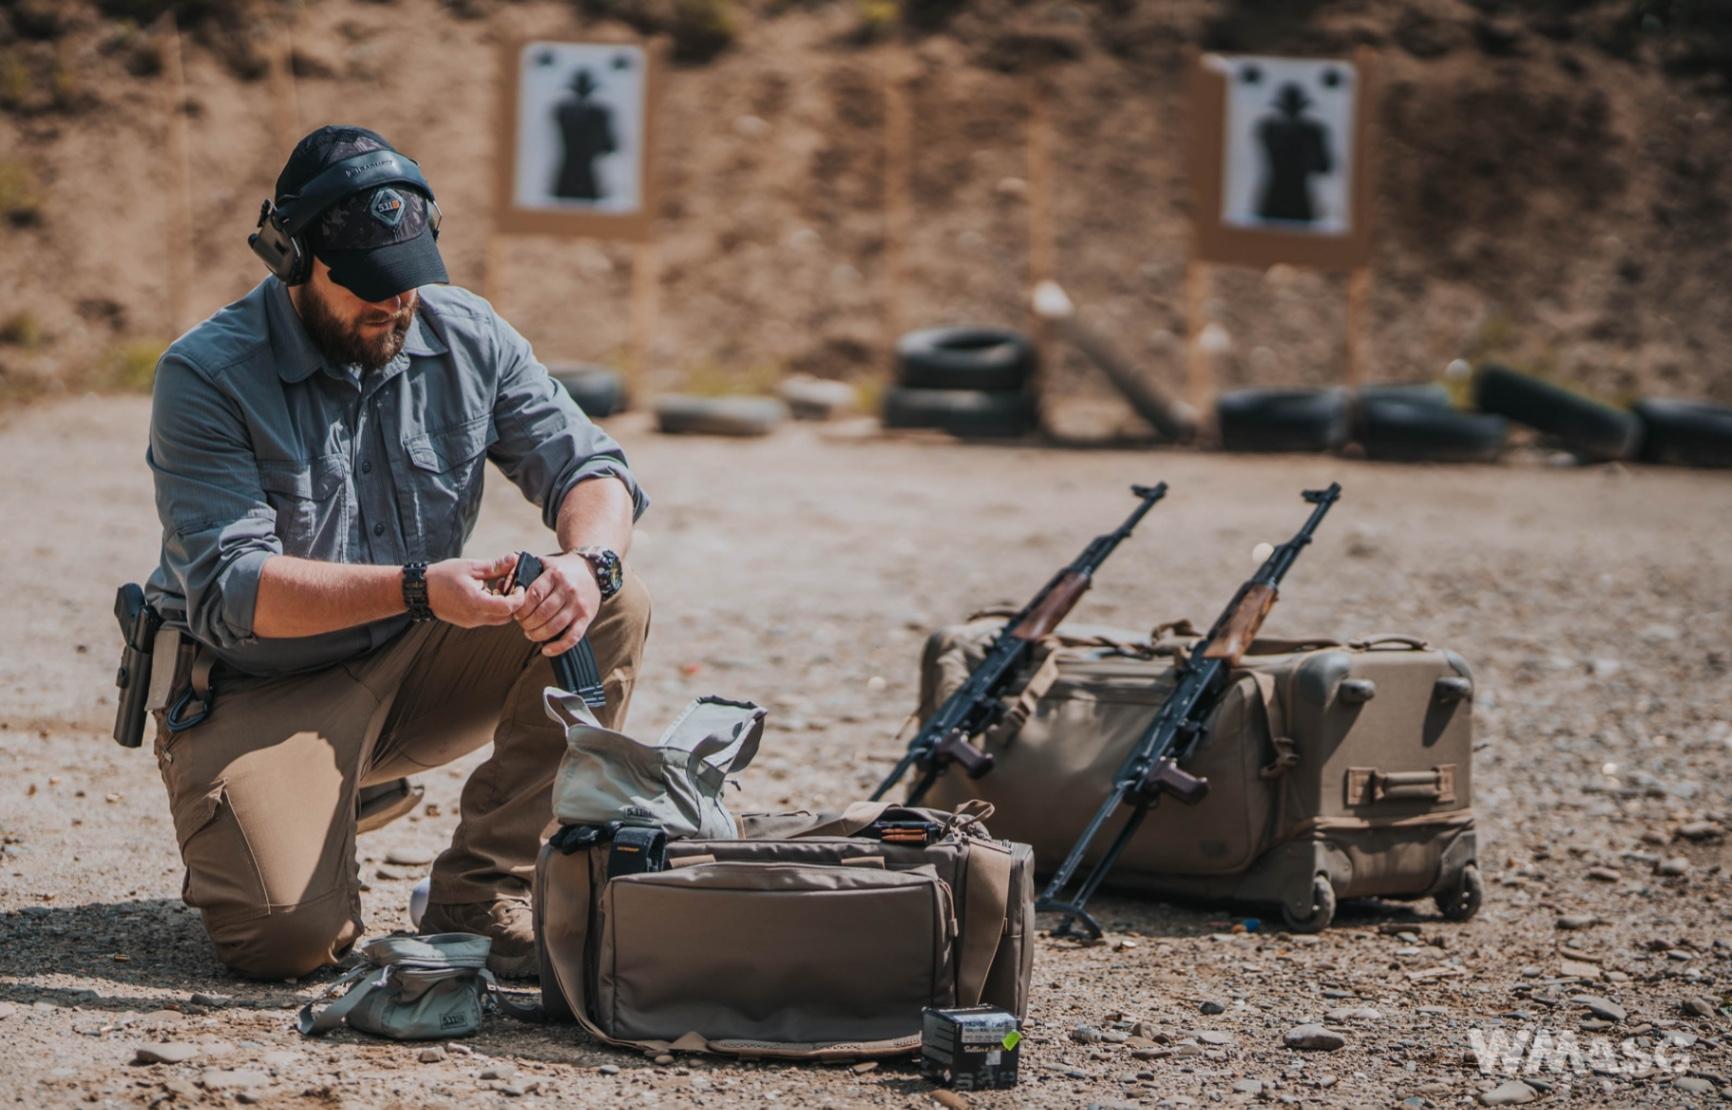 Posiadając pozwolenie sportowe lub kolekcjonerskie można posiadać praktycznie dowolną broń palną w kalibrze do 12mm